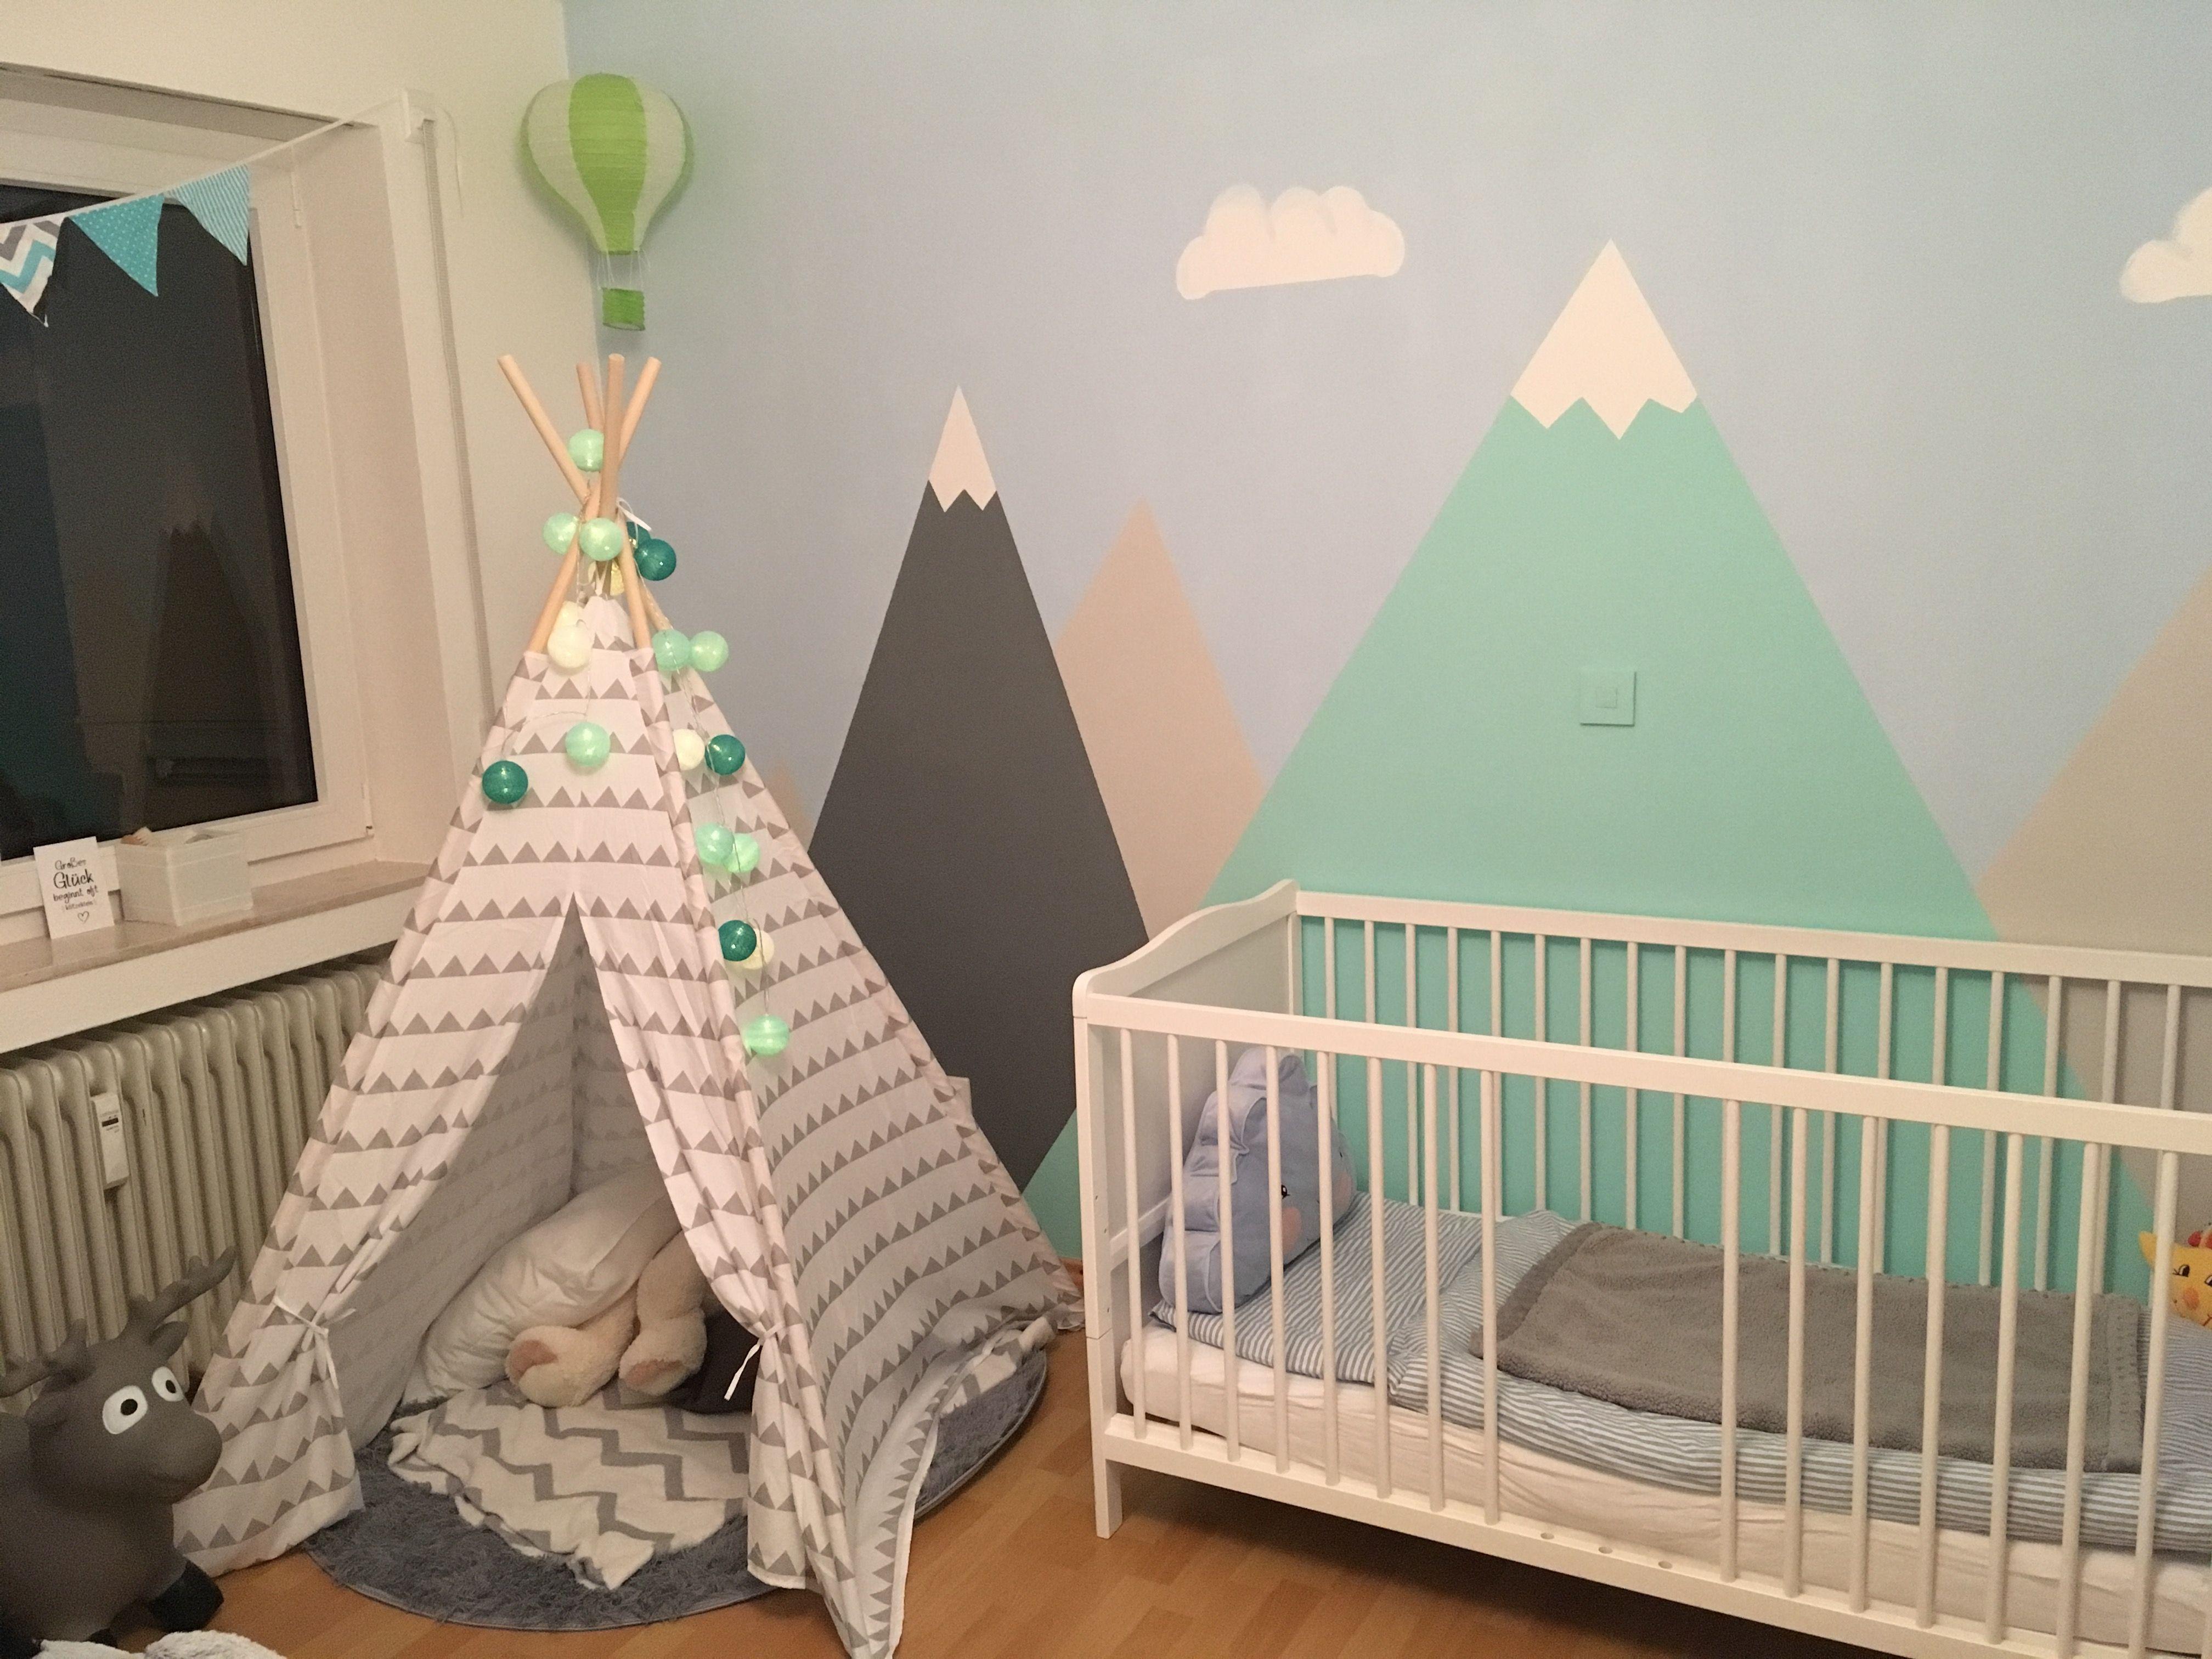 Kinderzimmer Junge Berge Mountains Heißluftballon Tipi Indianer Kinder Zimmer Tipi Kinderzimmer Kinderzimmer